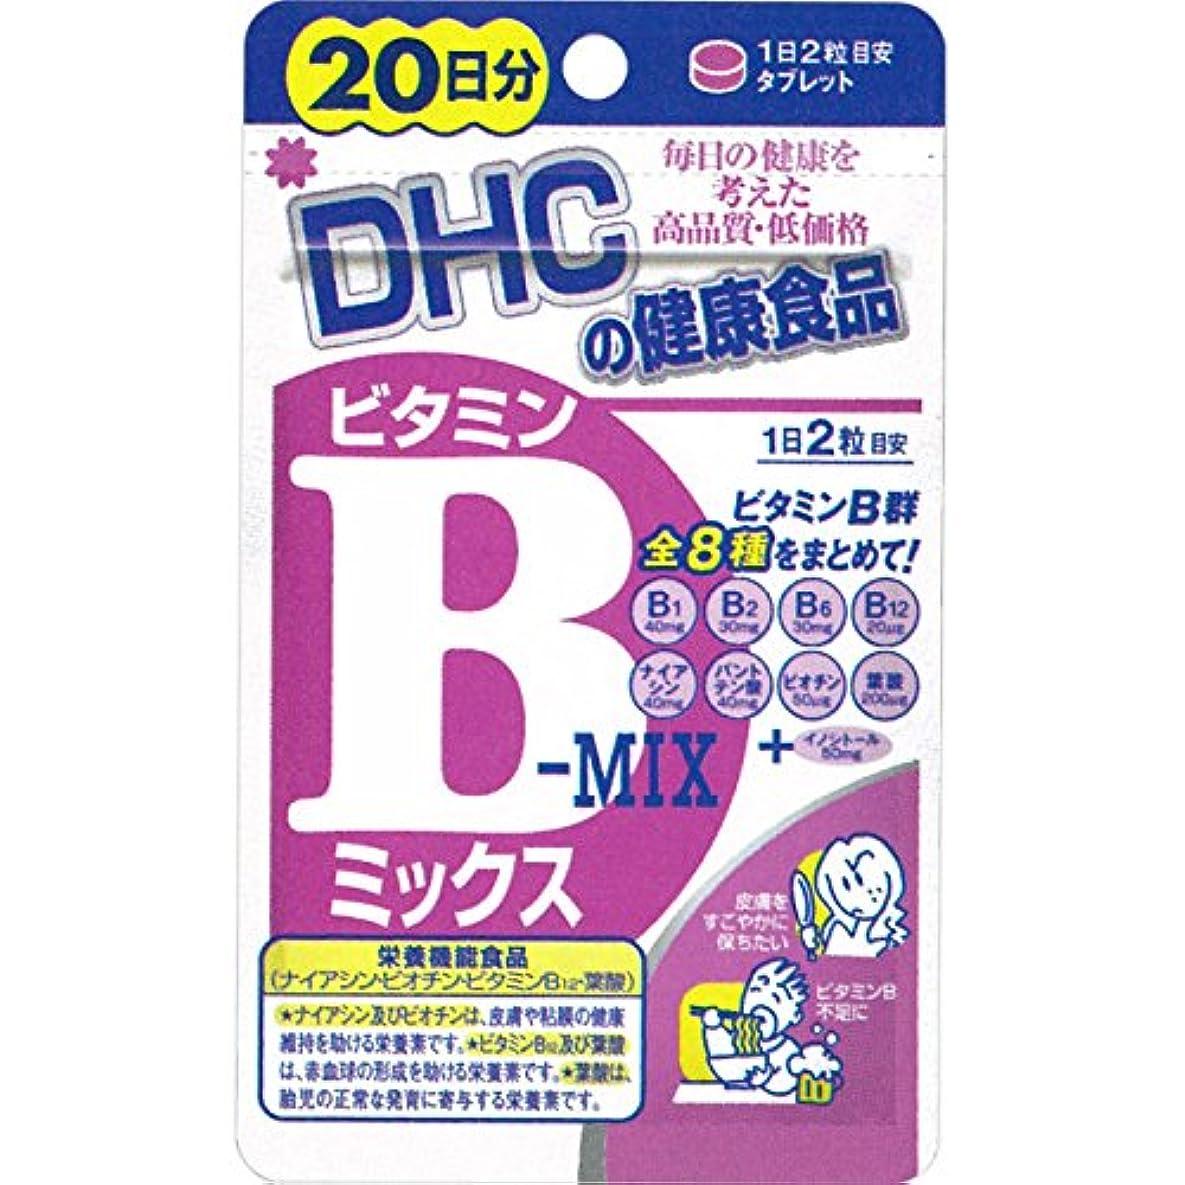 優越欠かせない絶望的なDHC(ディーエイチシー) サプリメント DHC ビタミンB MIX 20日分